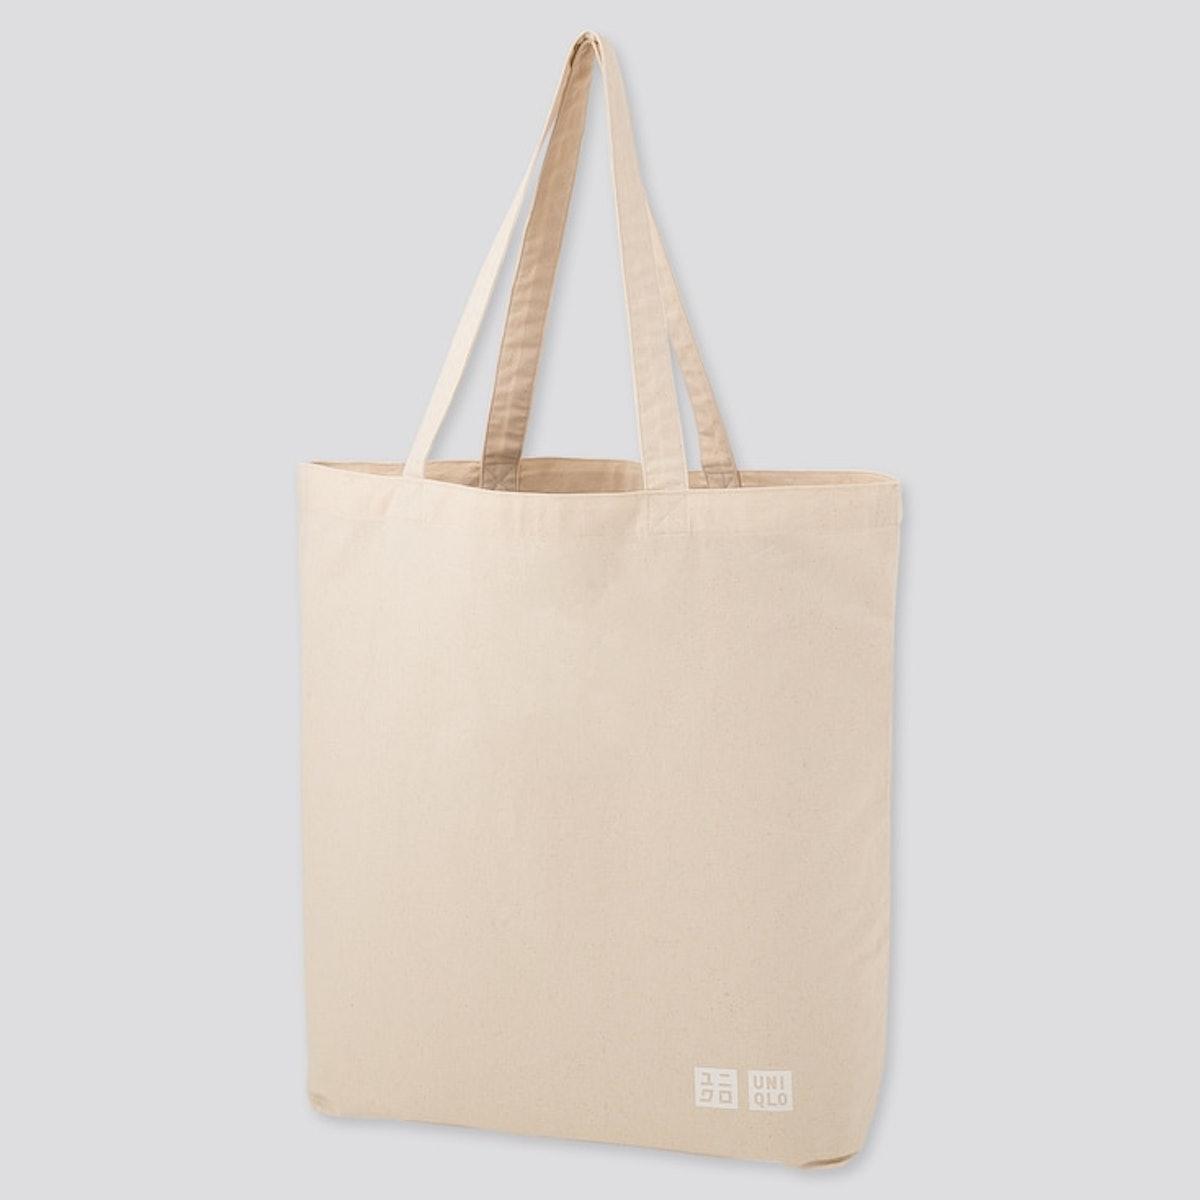 Uniqlo Medium Eco-Friendly Tote Bag